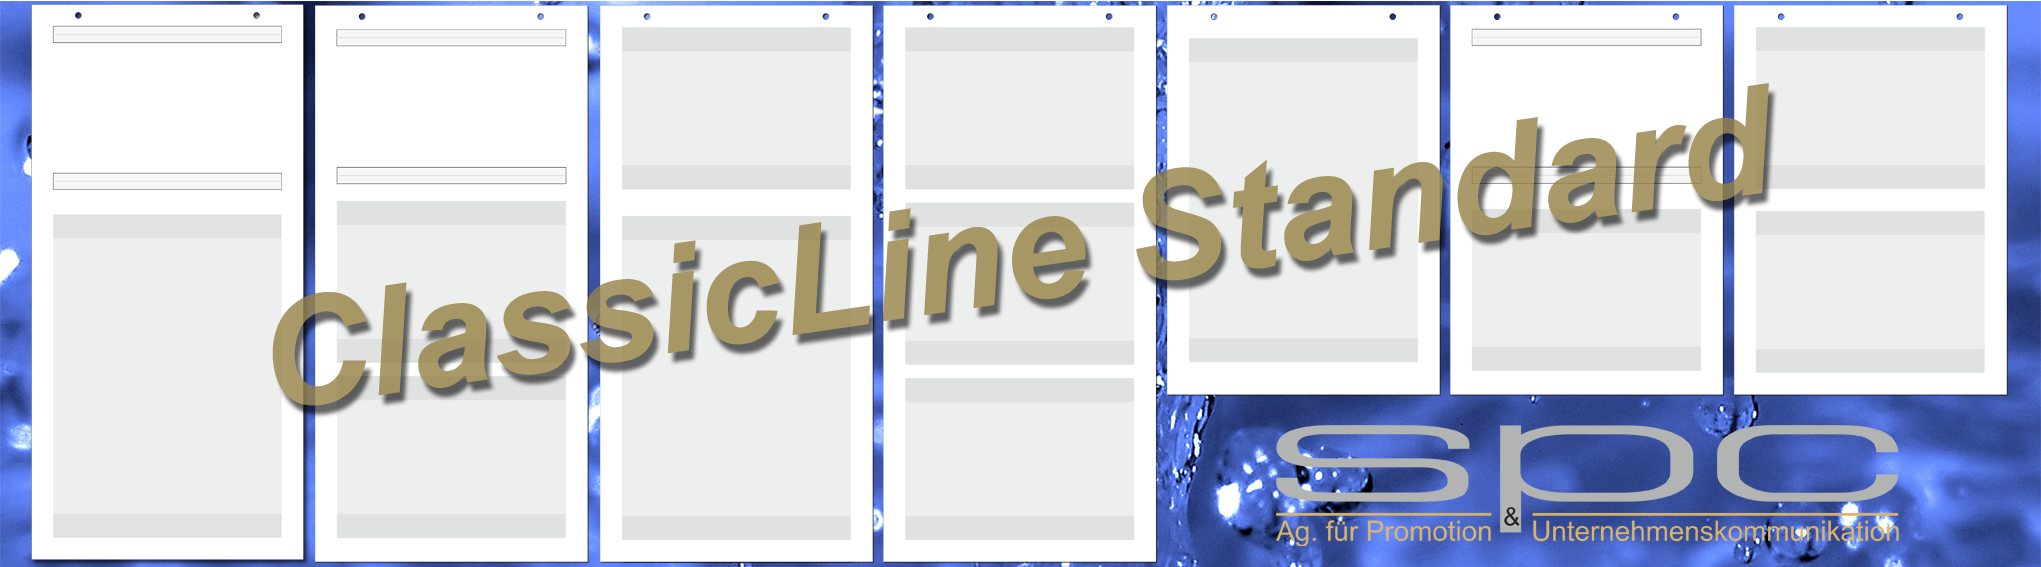 Banner-GS-ClassicLine-Standard